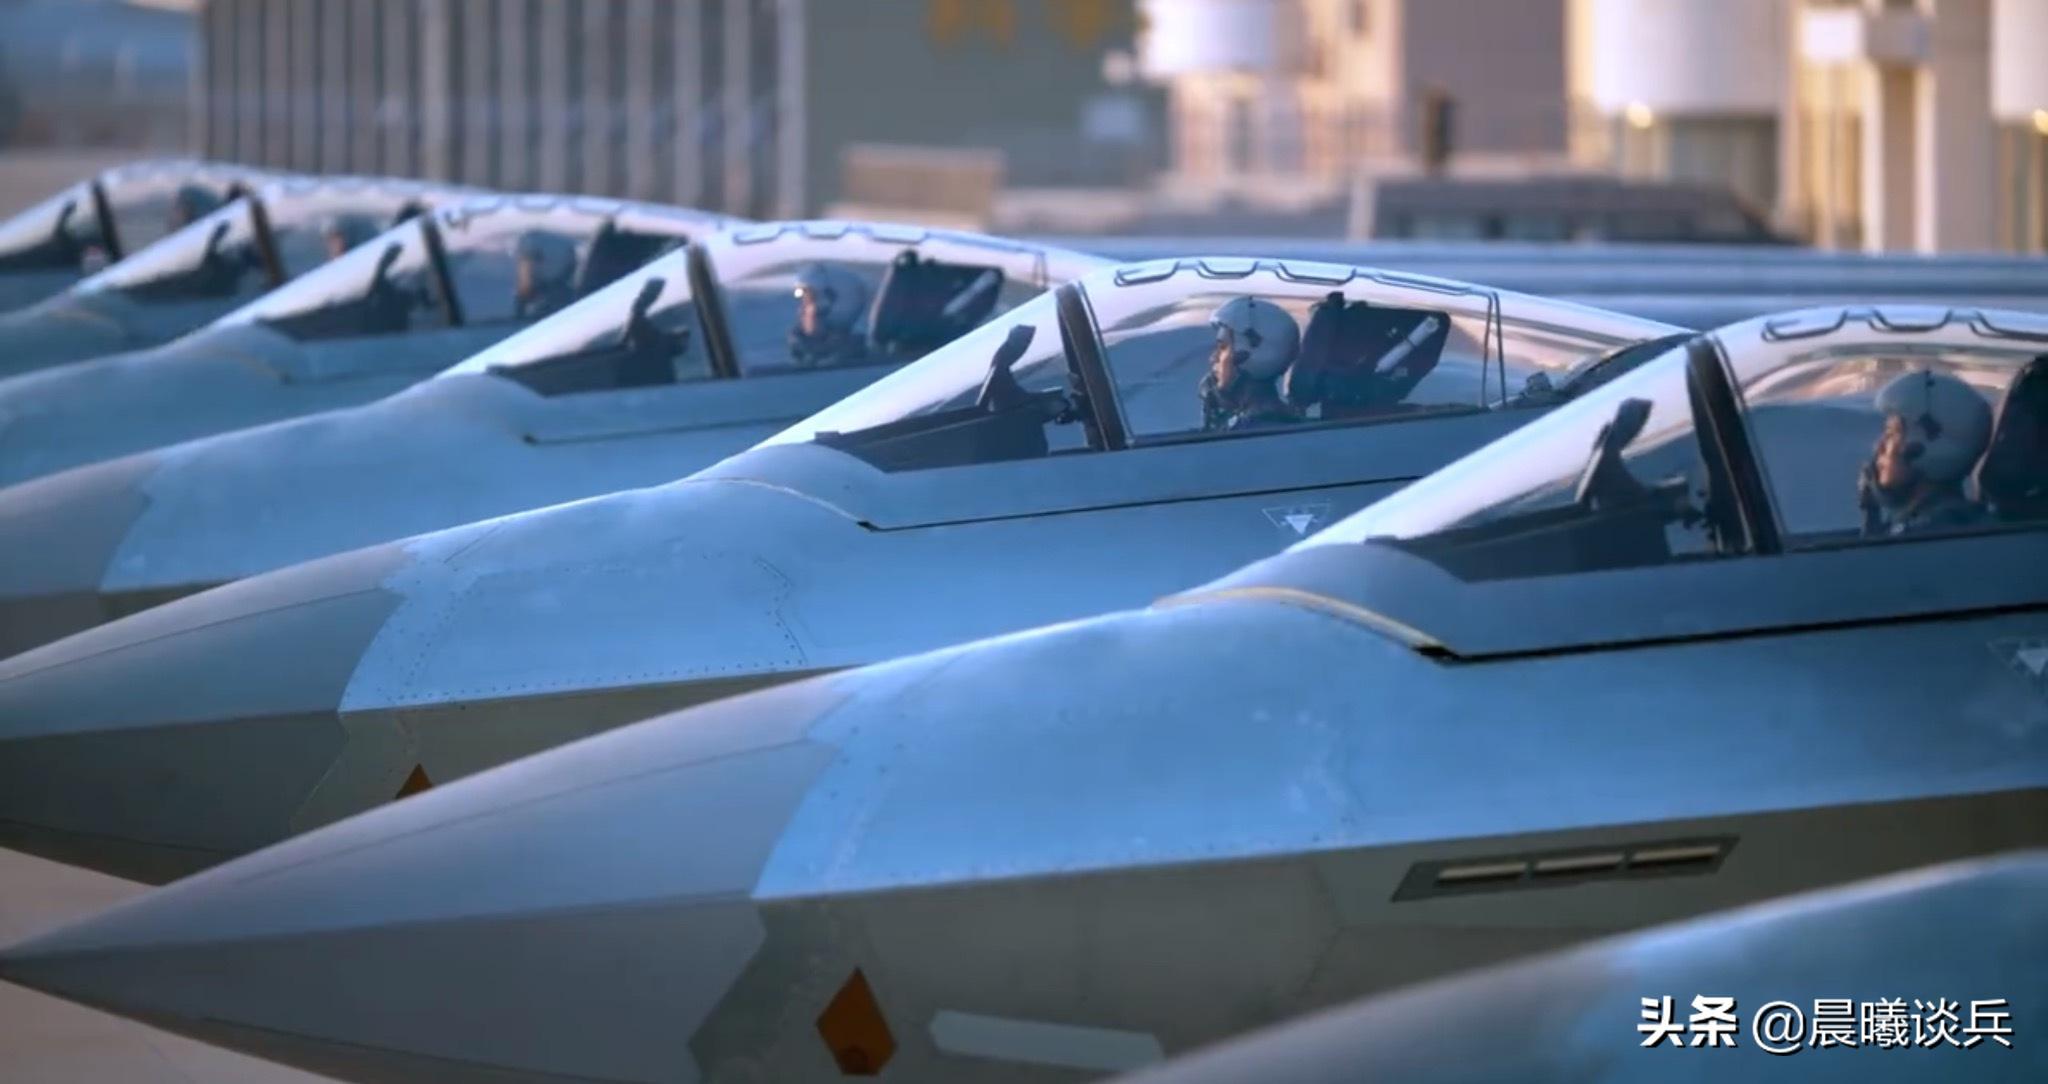 双座型歼20终于露面了,将指挥空战无人机主宰天空